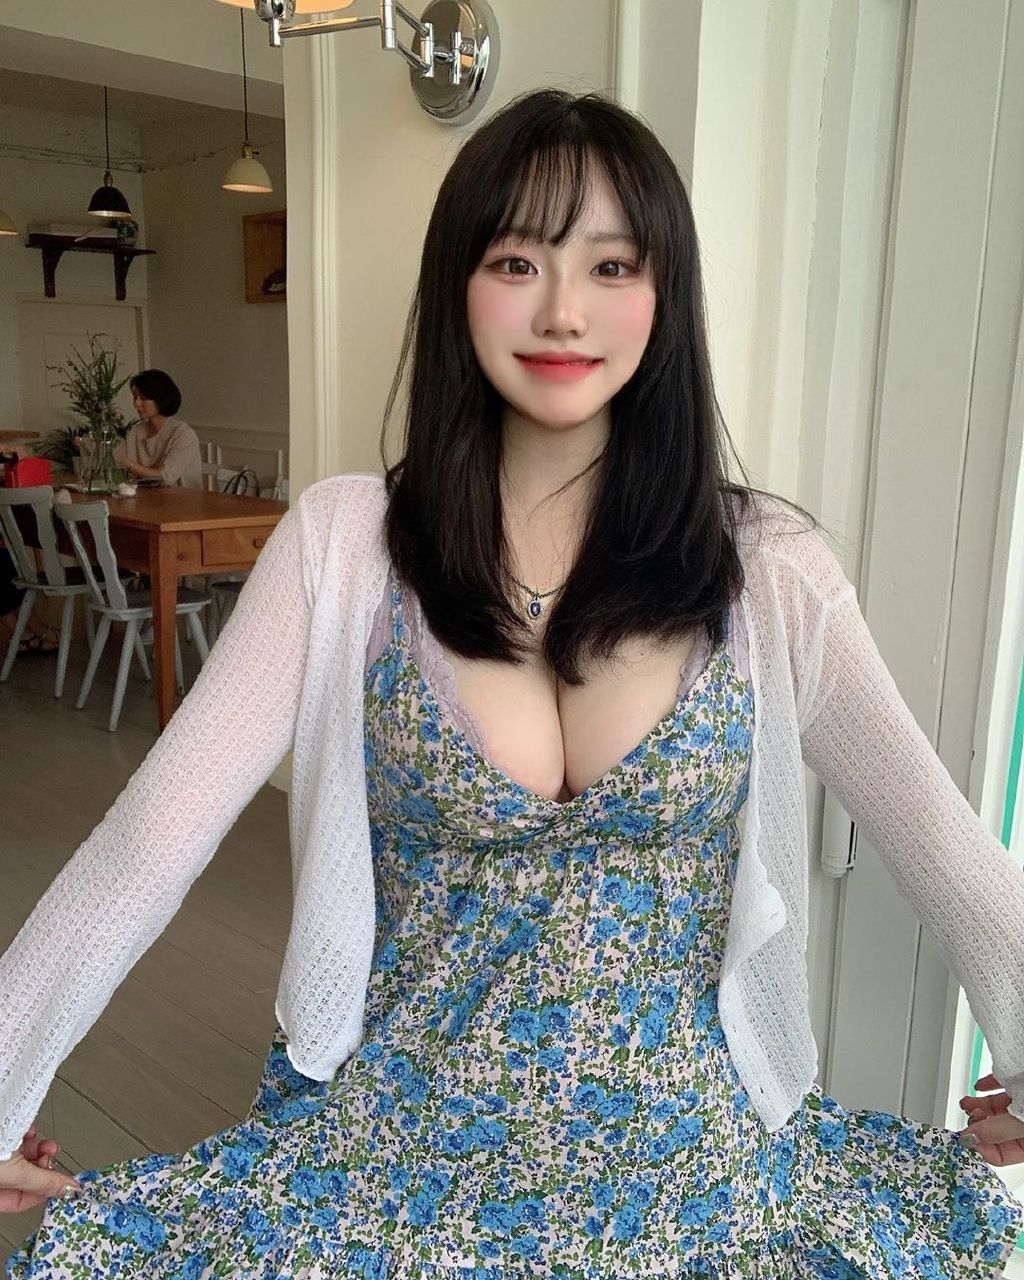 亚洲自偷自拍另类粉嫩美女高清图